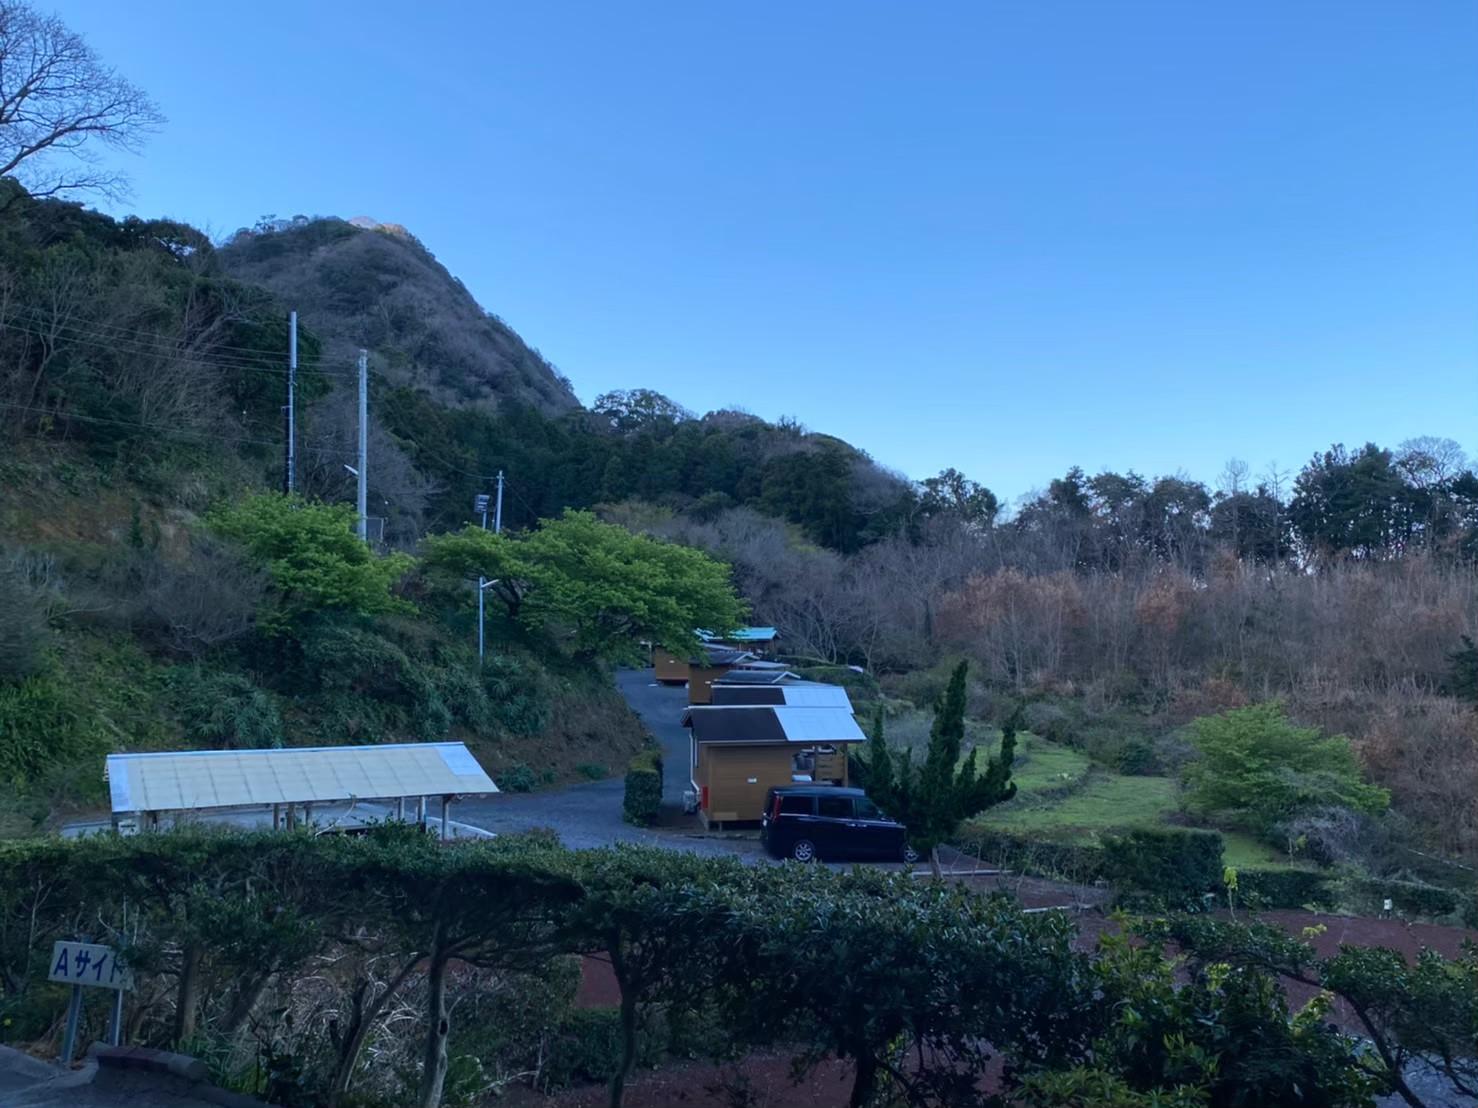 【富士と駿河湾の絶景|賀茂郡松崎町】『雲見オートキャンプ場』攻略ガイド(駐車場・トイレ)